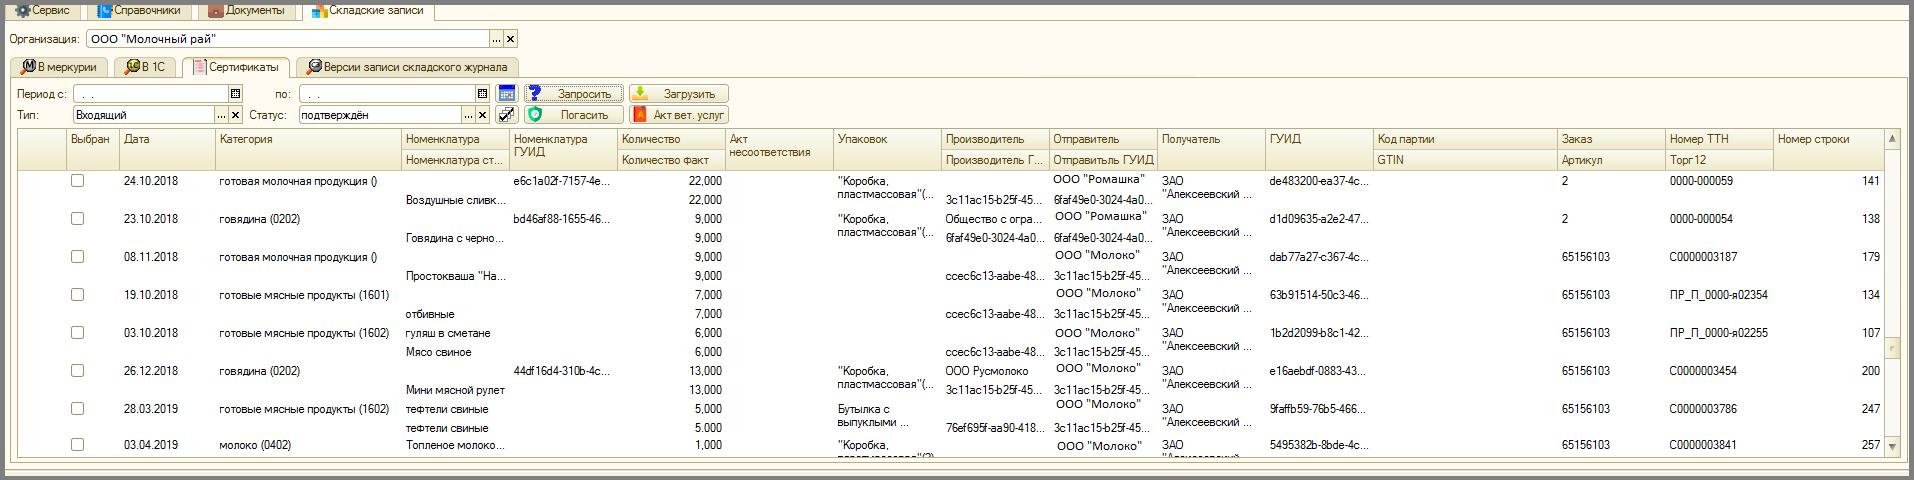 10. Пример раздела 'Складские записи'' в подразделе 'Сертификаты'' (для просмотра всех сертификатов и отчета по количеству исходящих сертификатов в конкретных весовых эквивалентах, а так же для группового гашения электронных ВСД)